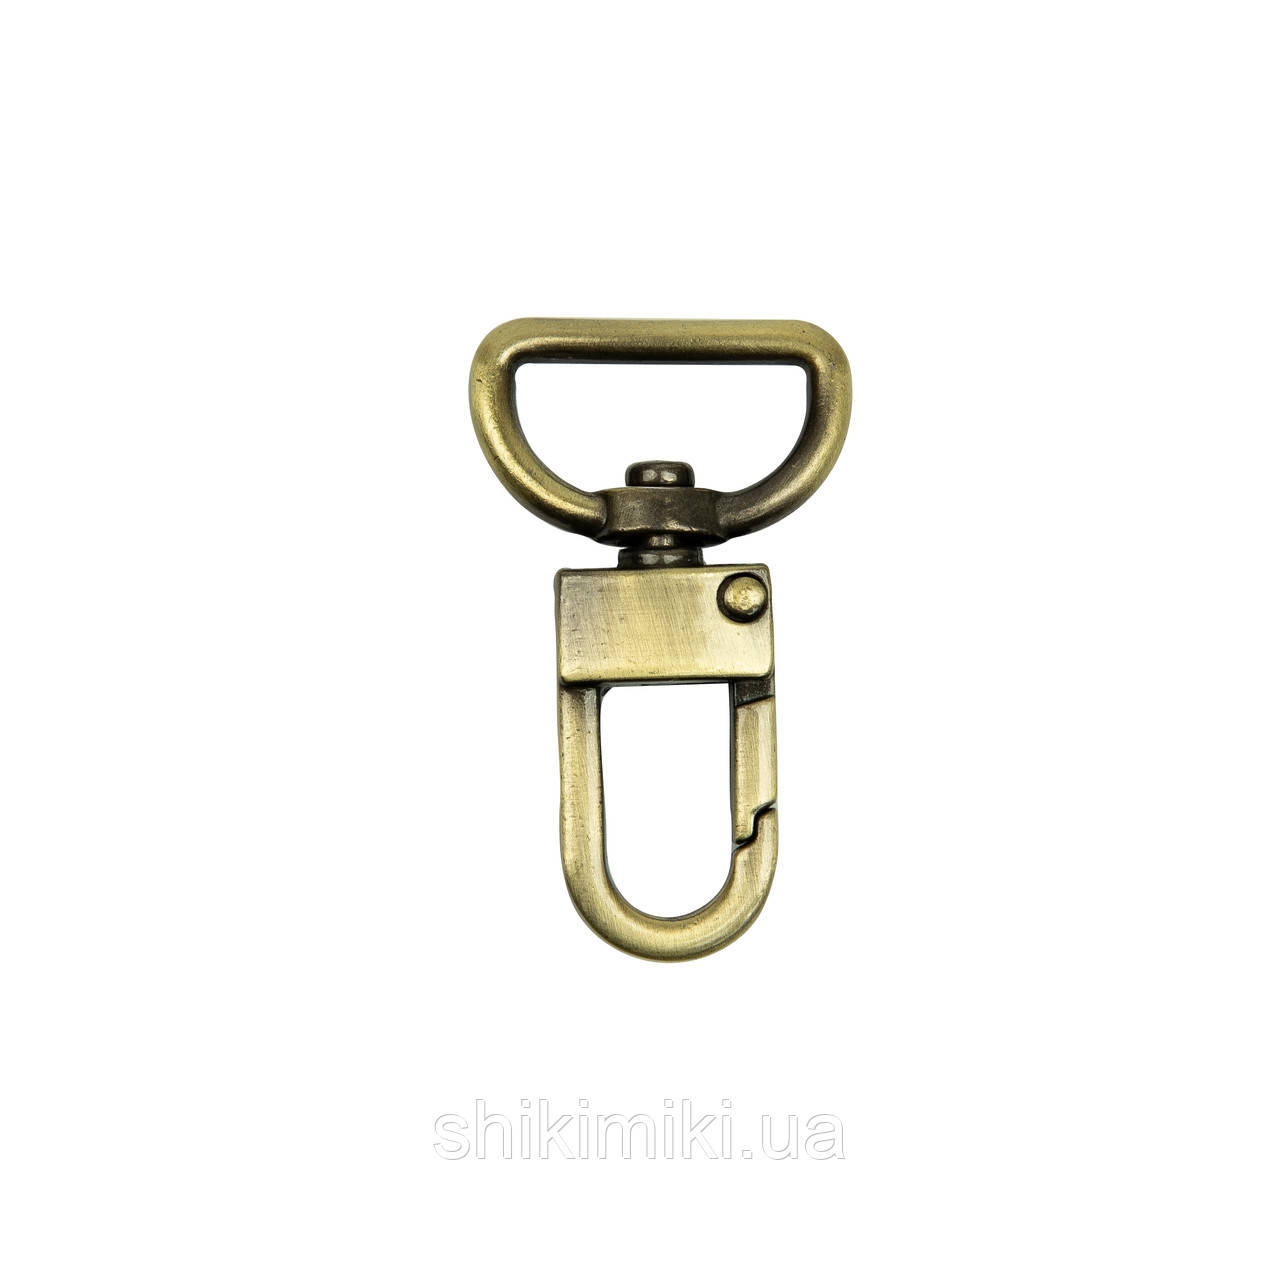 Карабін для сумок, голки 20 мм, довжина 43 мм, колір антик, (KR51-4)